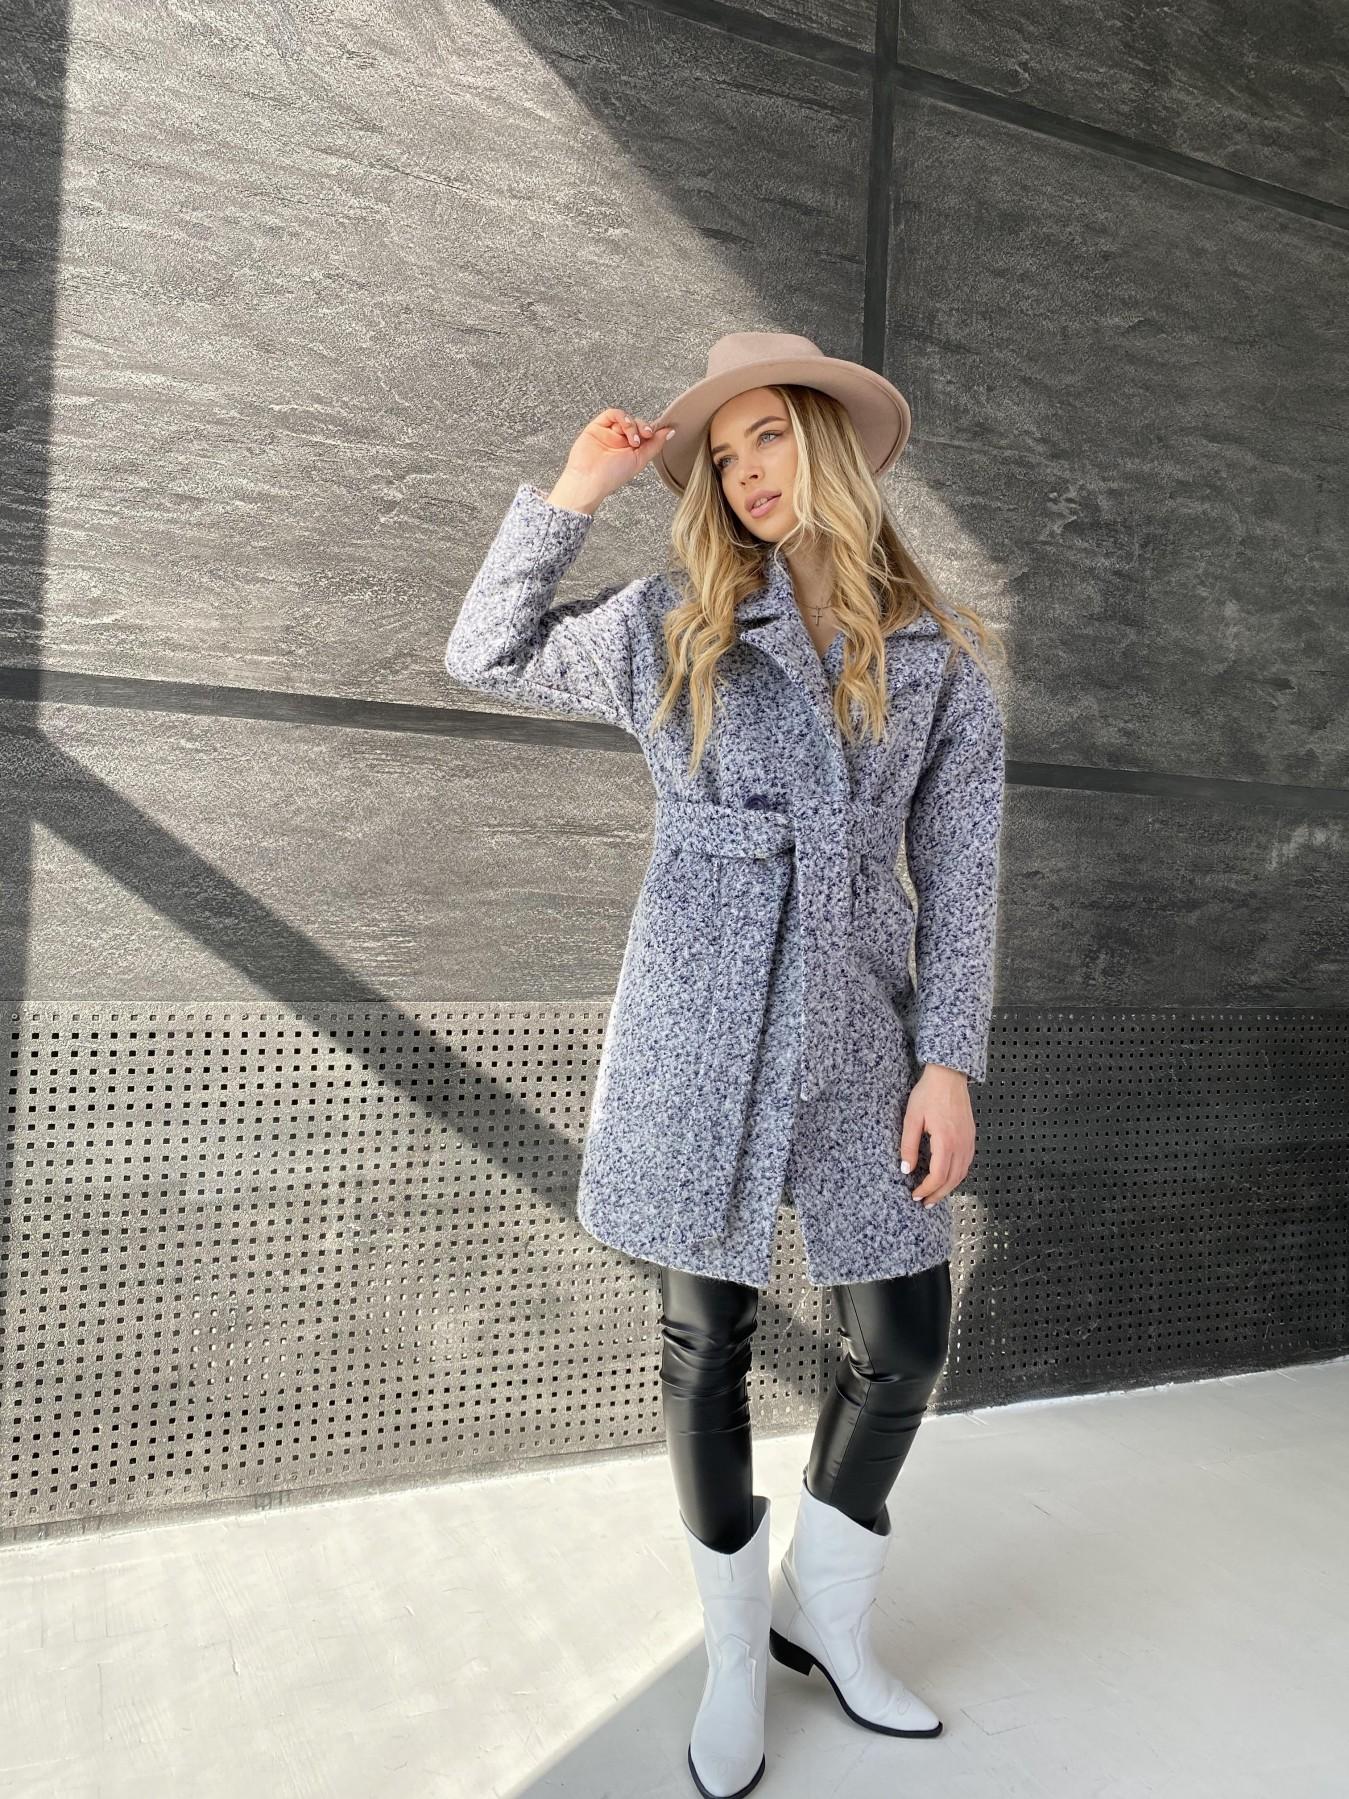 Сенсей пальто из шерсти букле 10780 АРТ. 47234 Цвет: Серо-голубой 60 - фото 3, интернет магазин tm-modus.ru